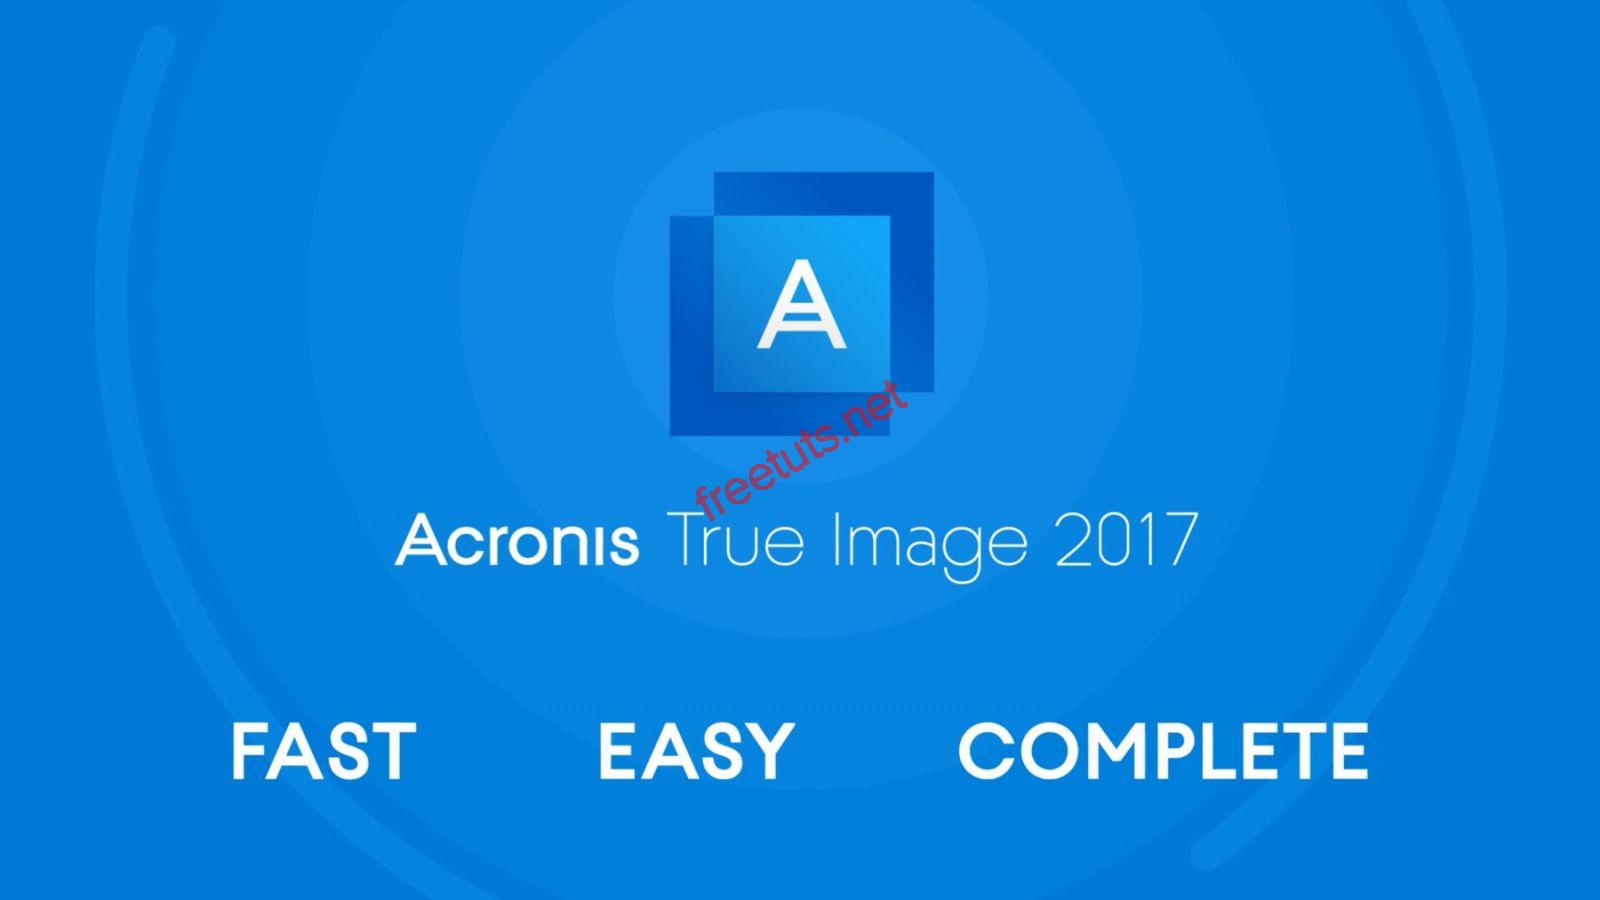 download acronis true image 2017 jpg